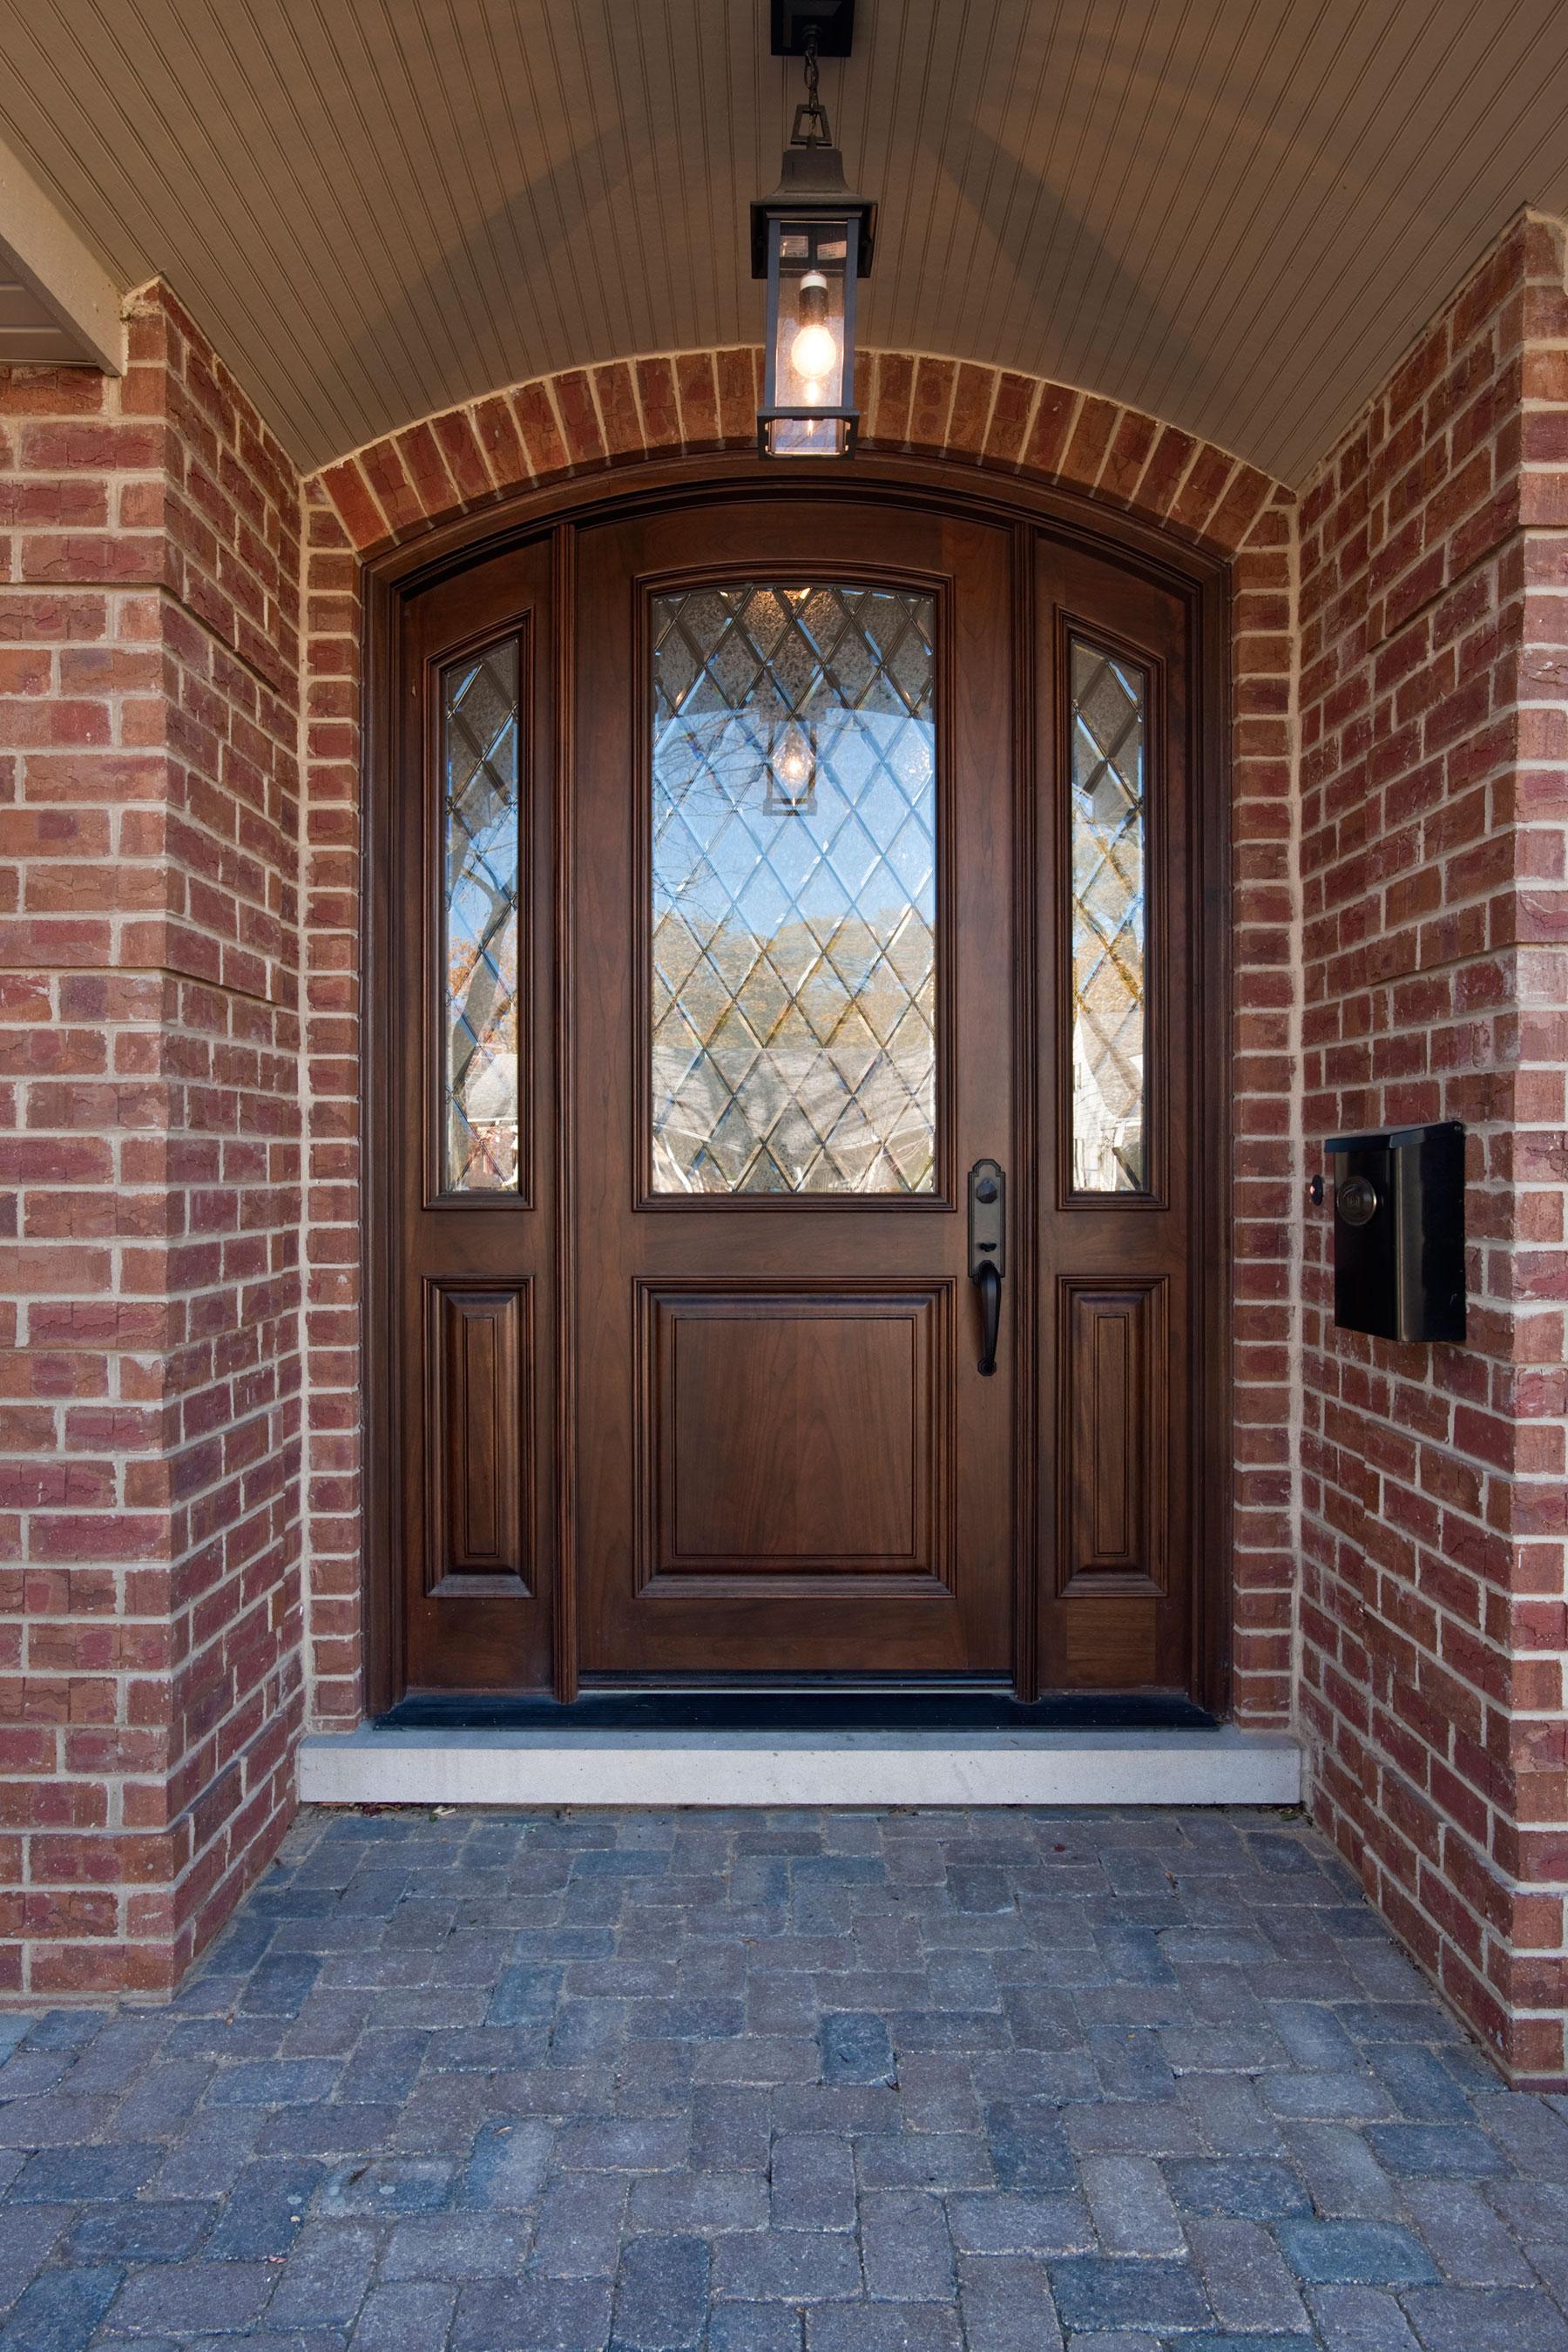 Wood Front Entry Doors in-Stock | Solid Wood Entry Door - Diamond Privacy Glass DB-552WDG 2SL - Glenview Doors - Custom Doors in Chicago